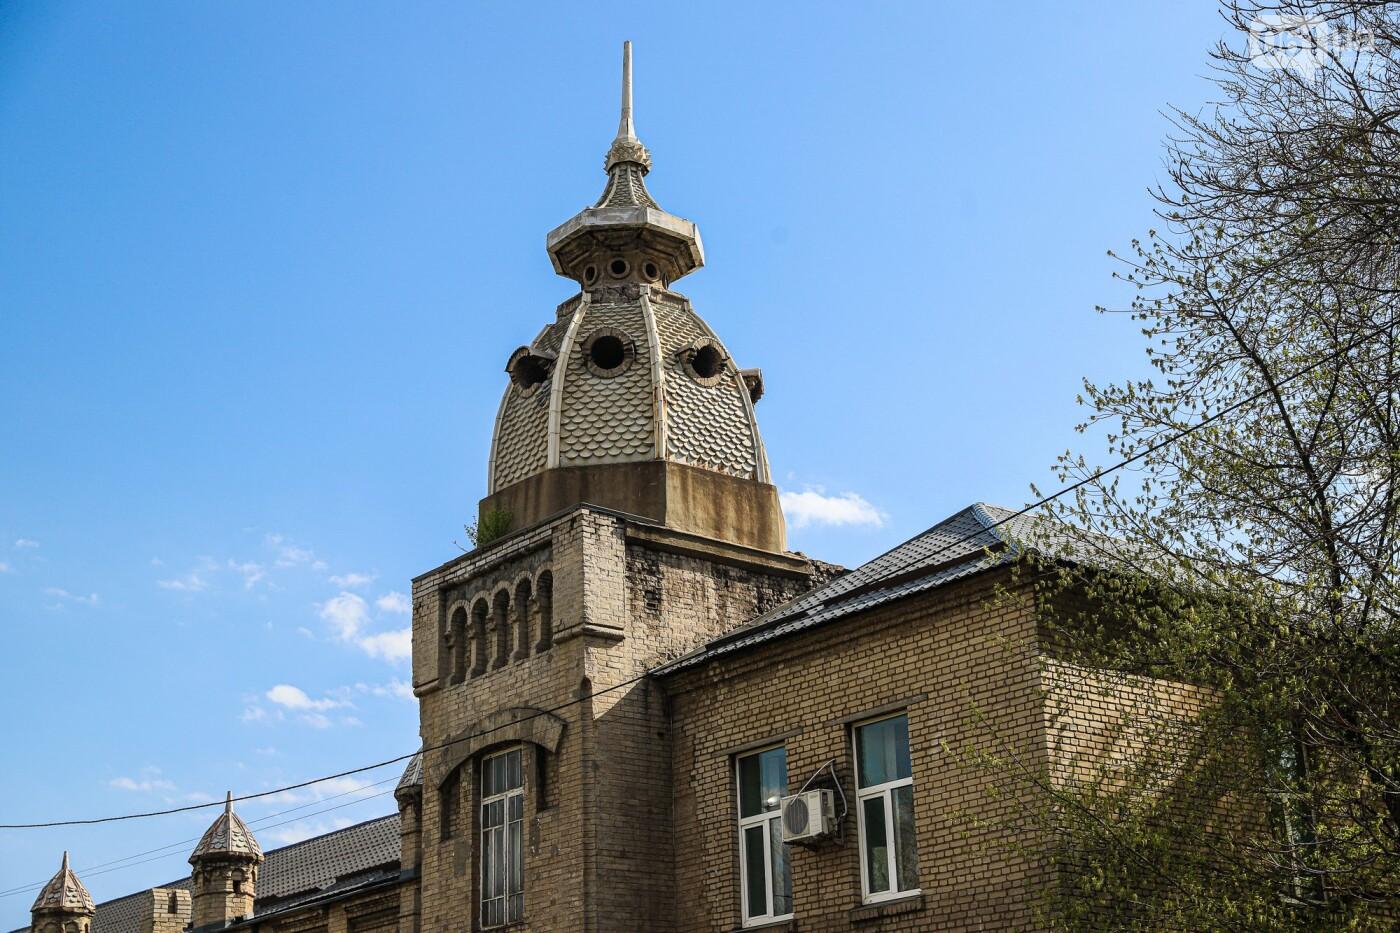 Памятники Старого Александровска: как сейчас выглядит здание первой в городе электростанции, - ФОТО, фото-5